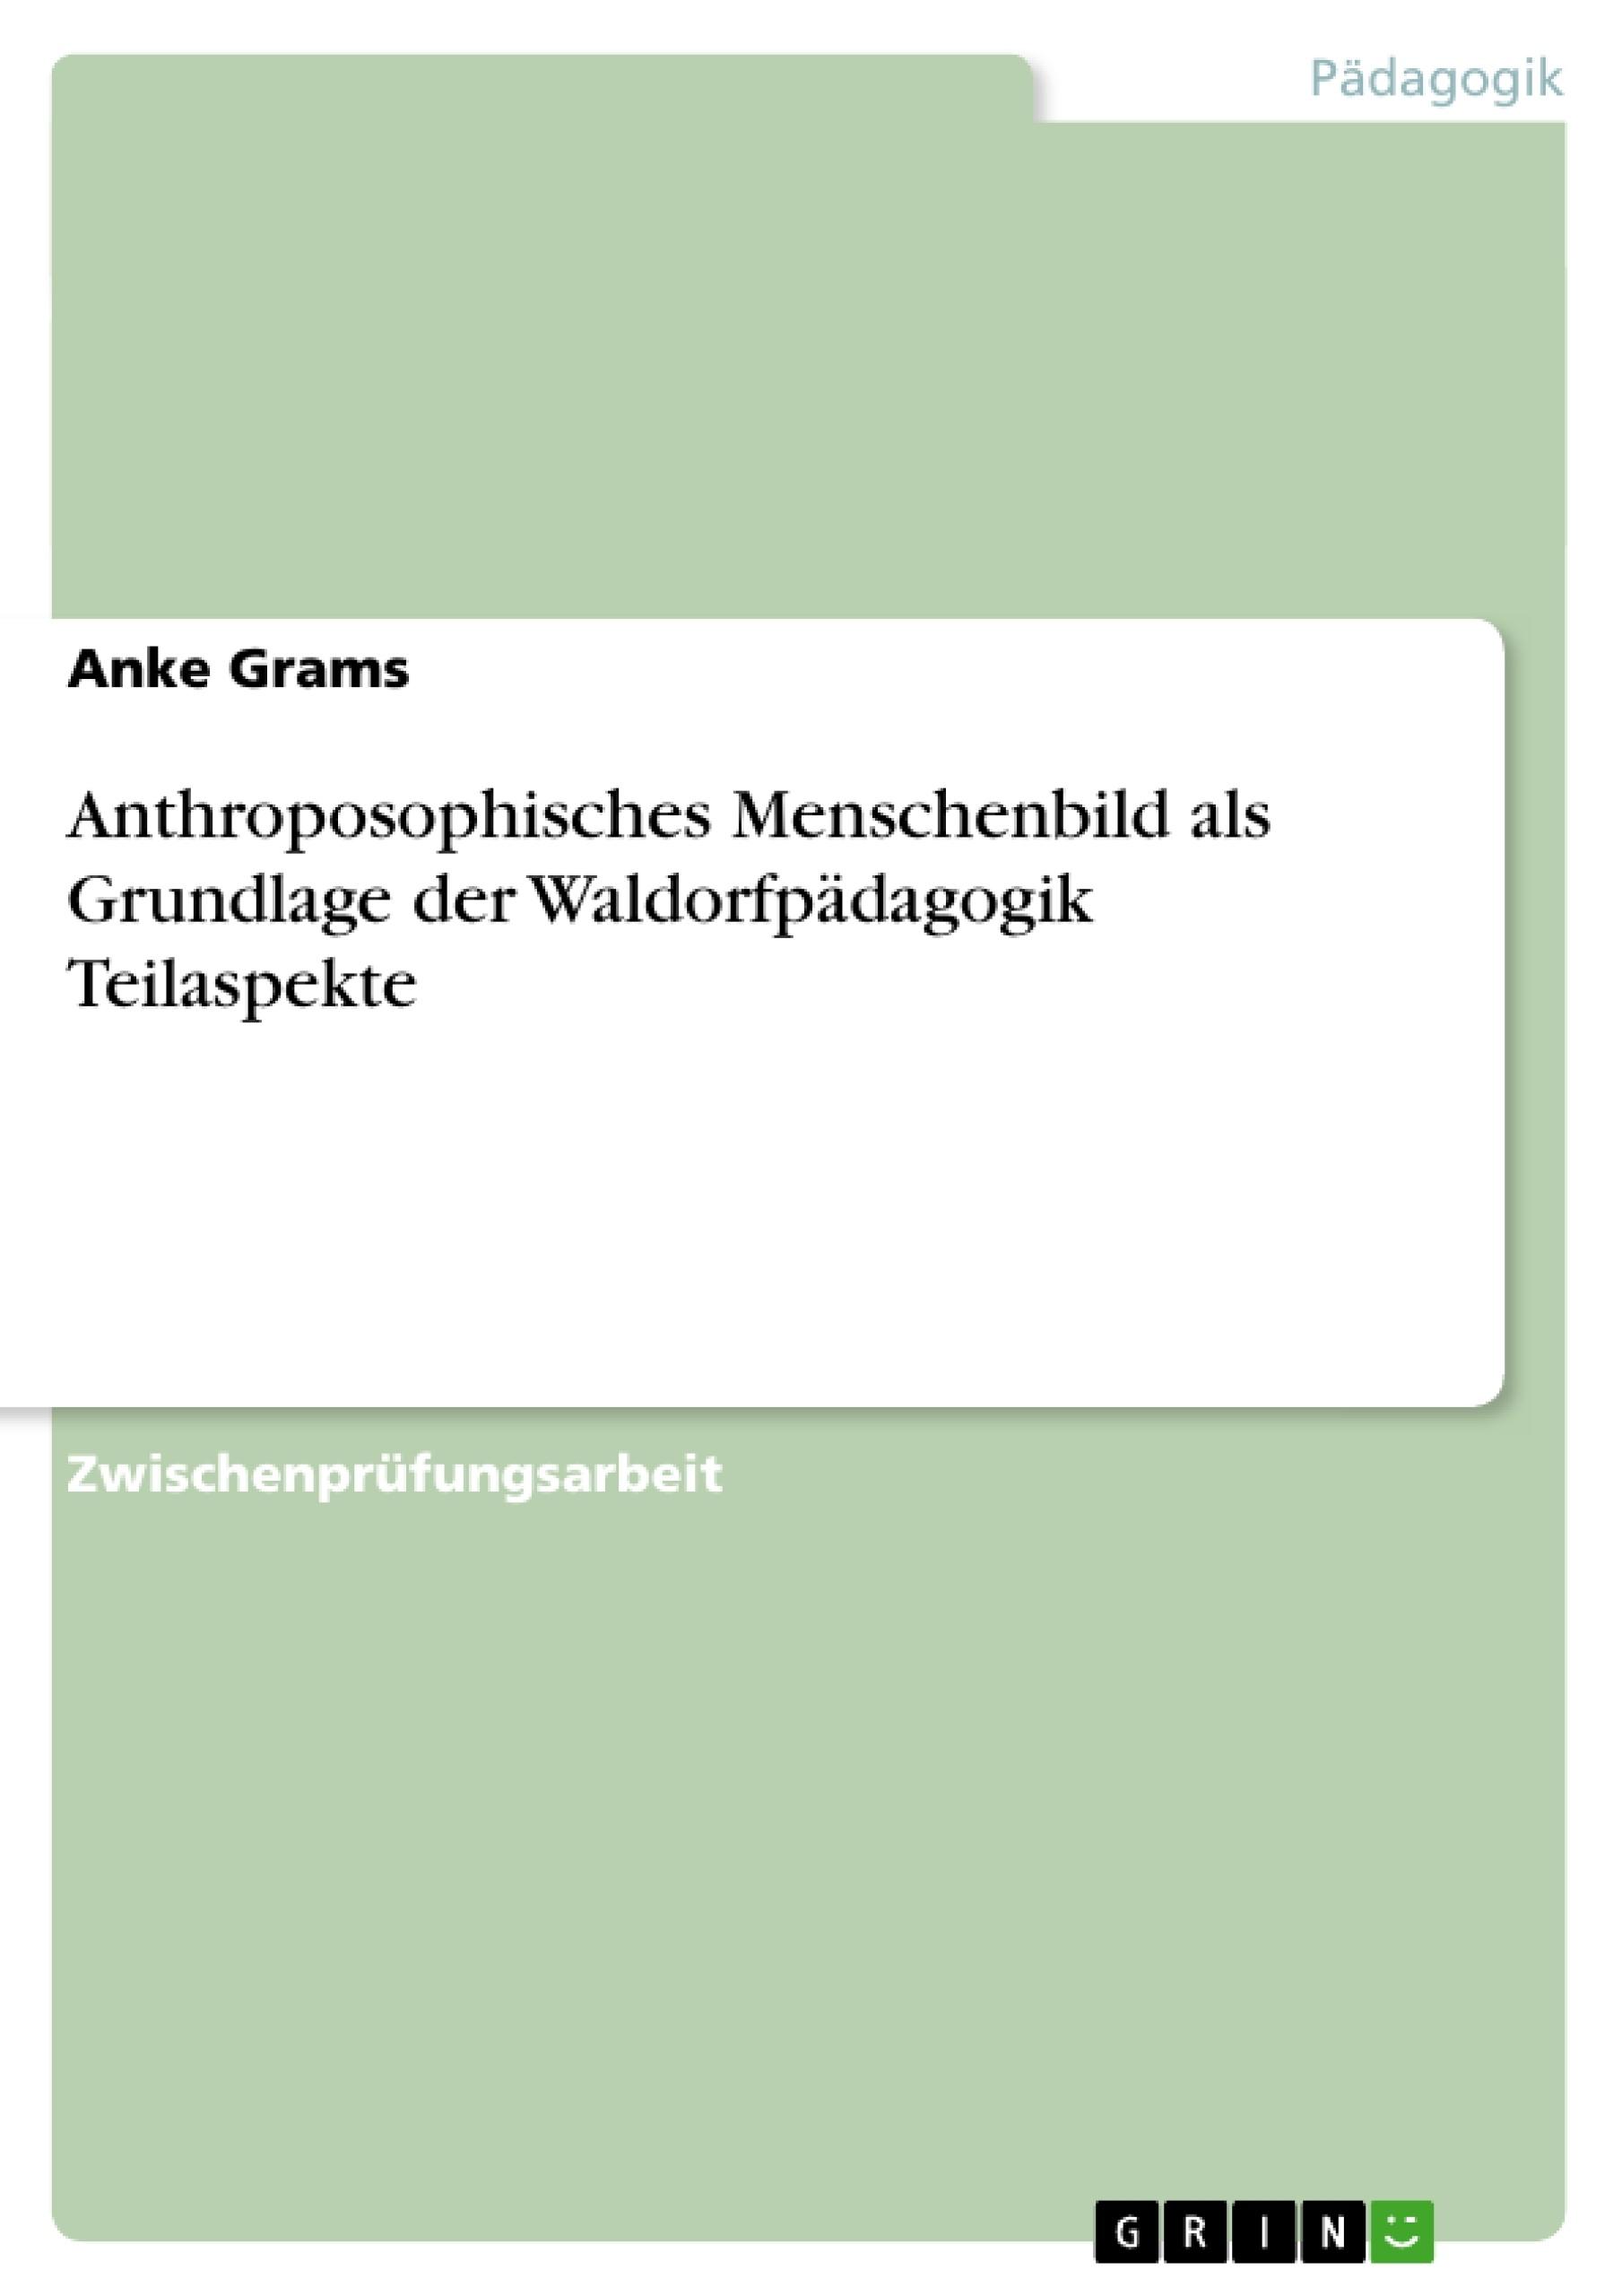 Titel: Anthroposophisches Menschenbild als Grundlage der Waldorfpädagogik Teilaspekte